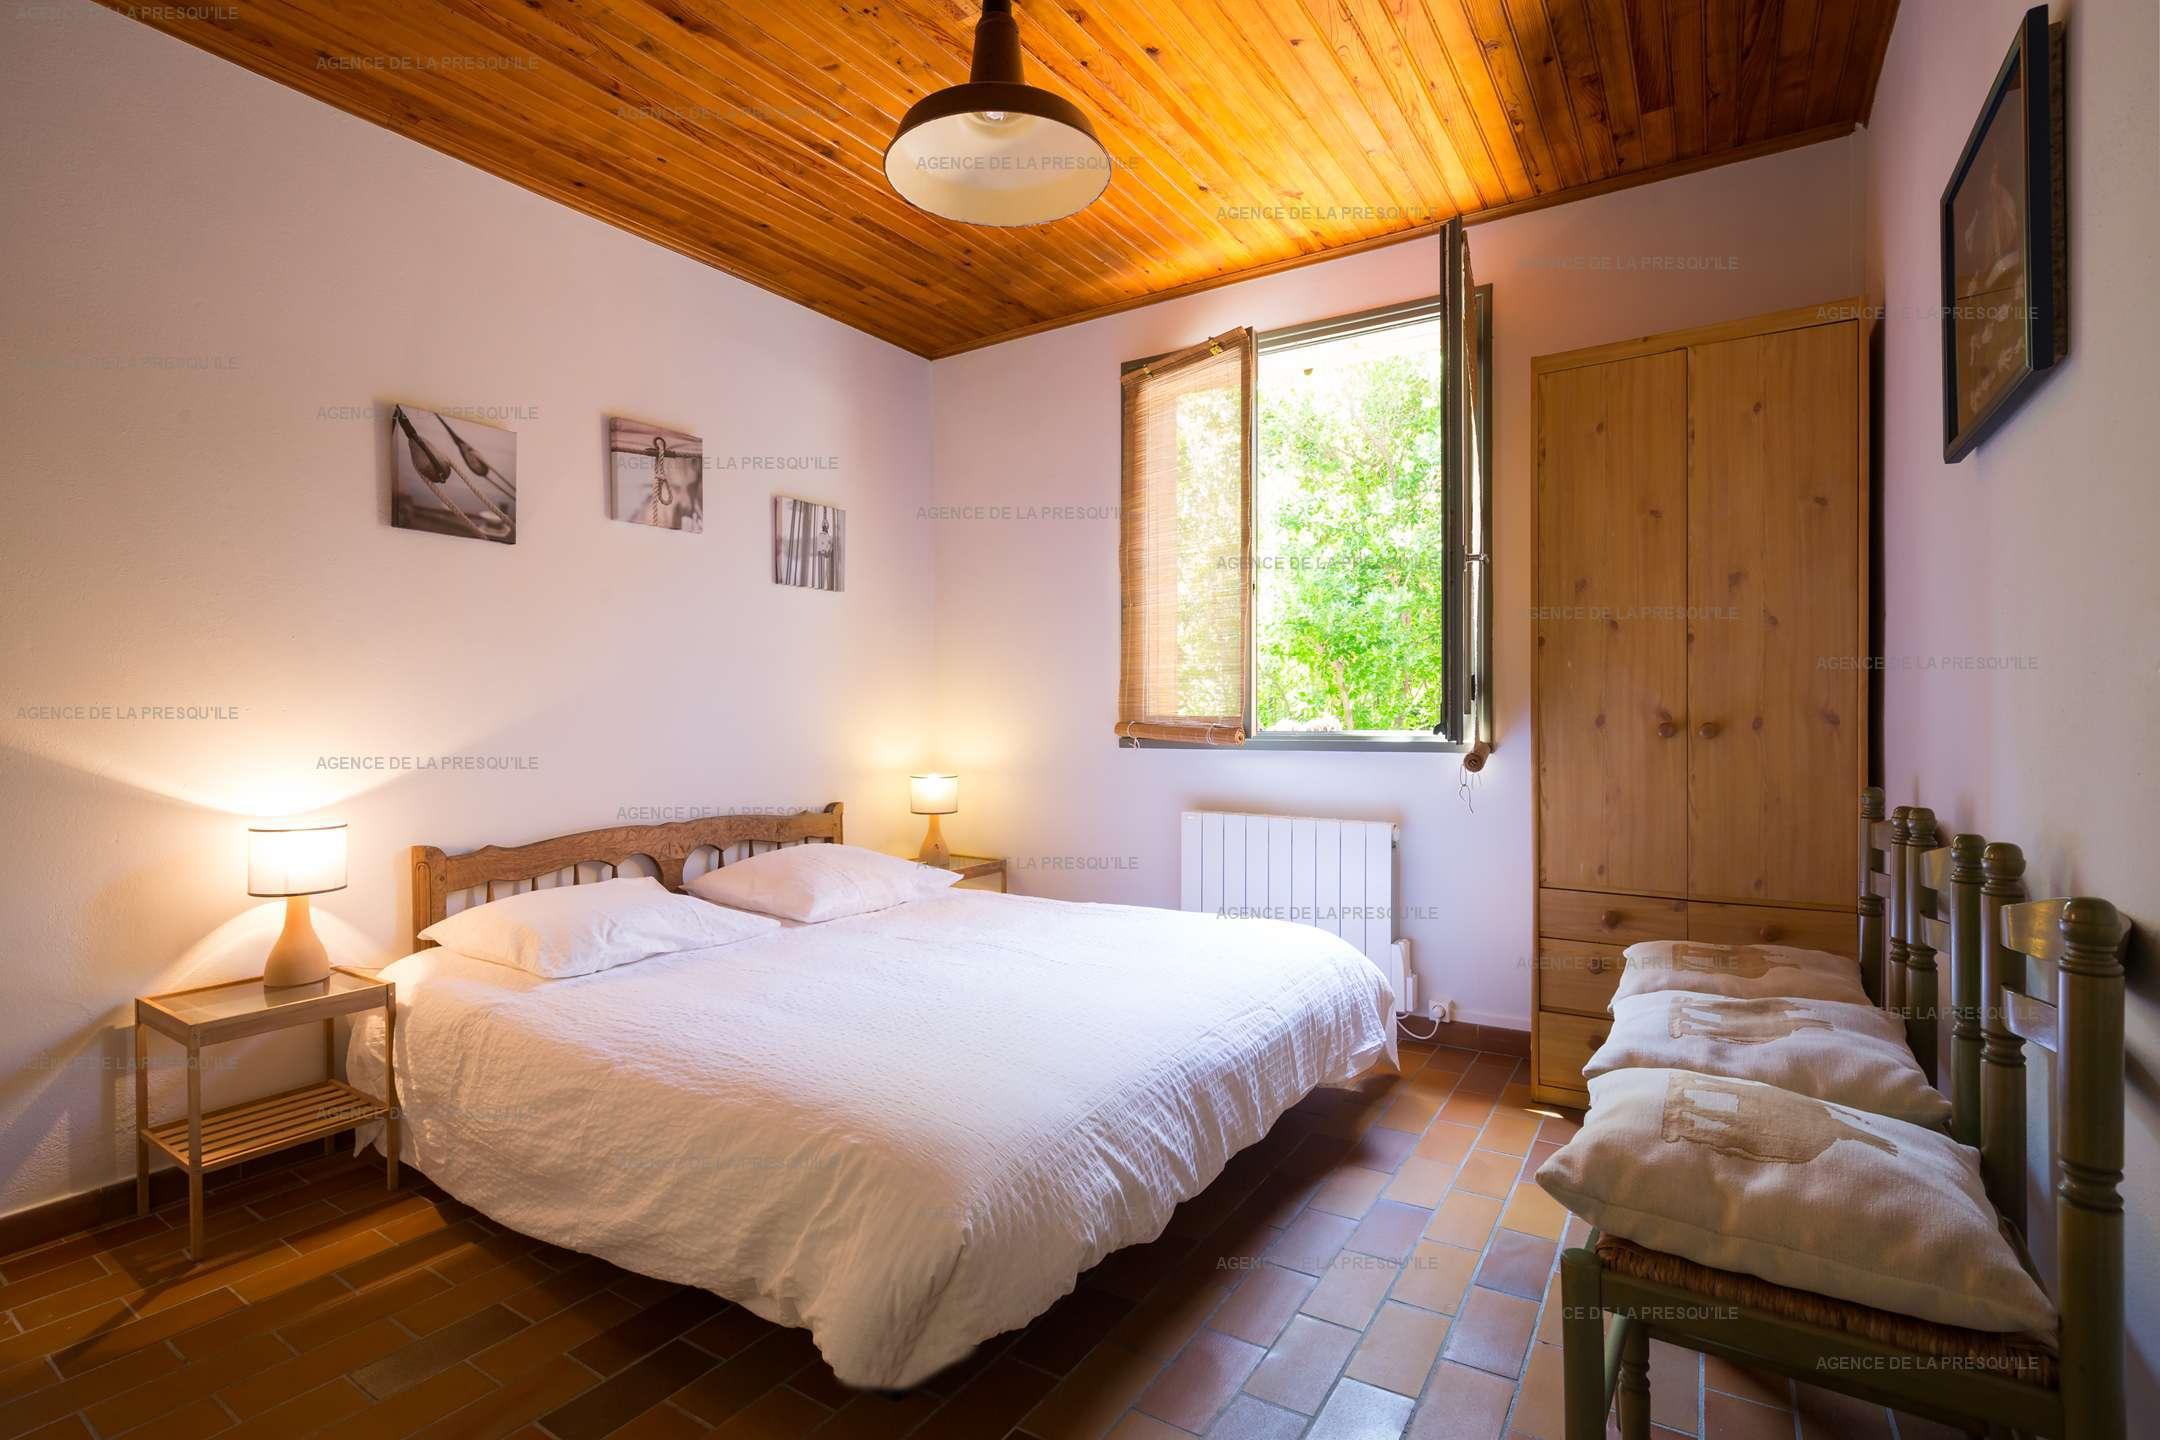 Location: Très agréable villa située au mimbeau 6